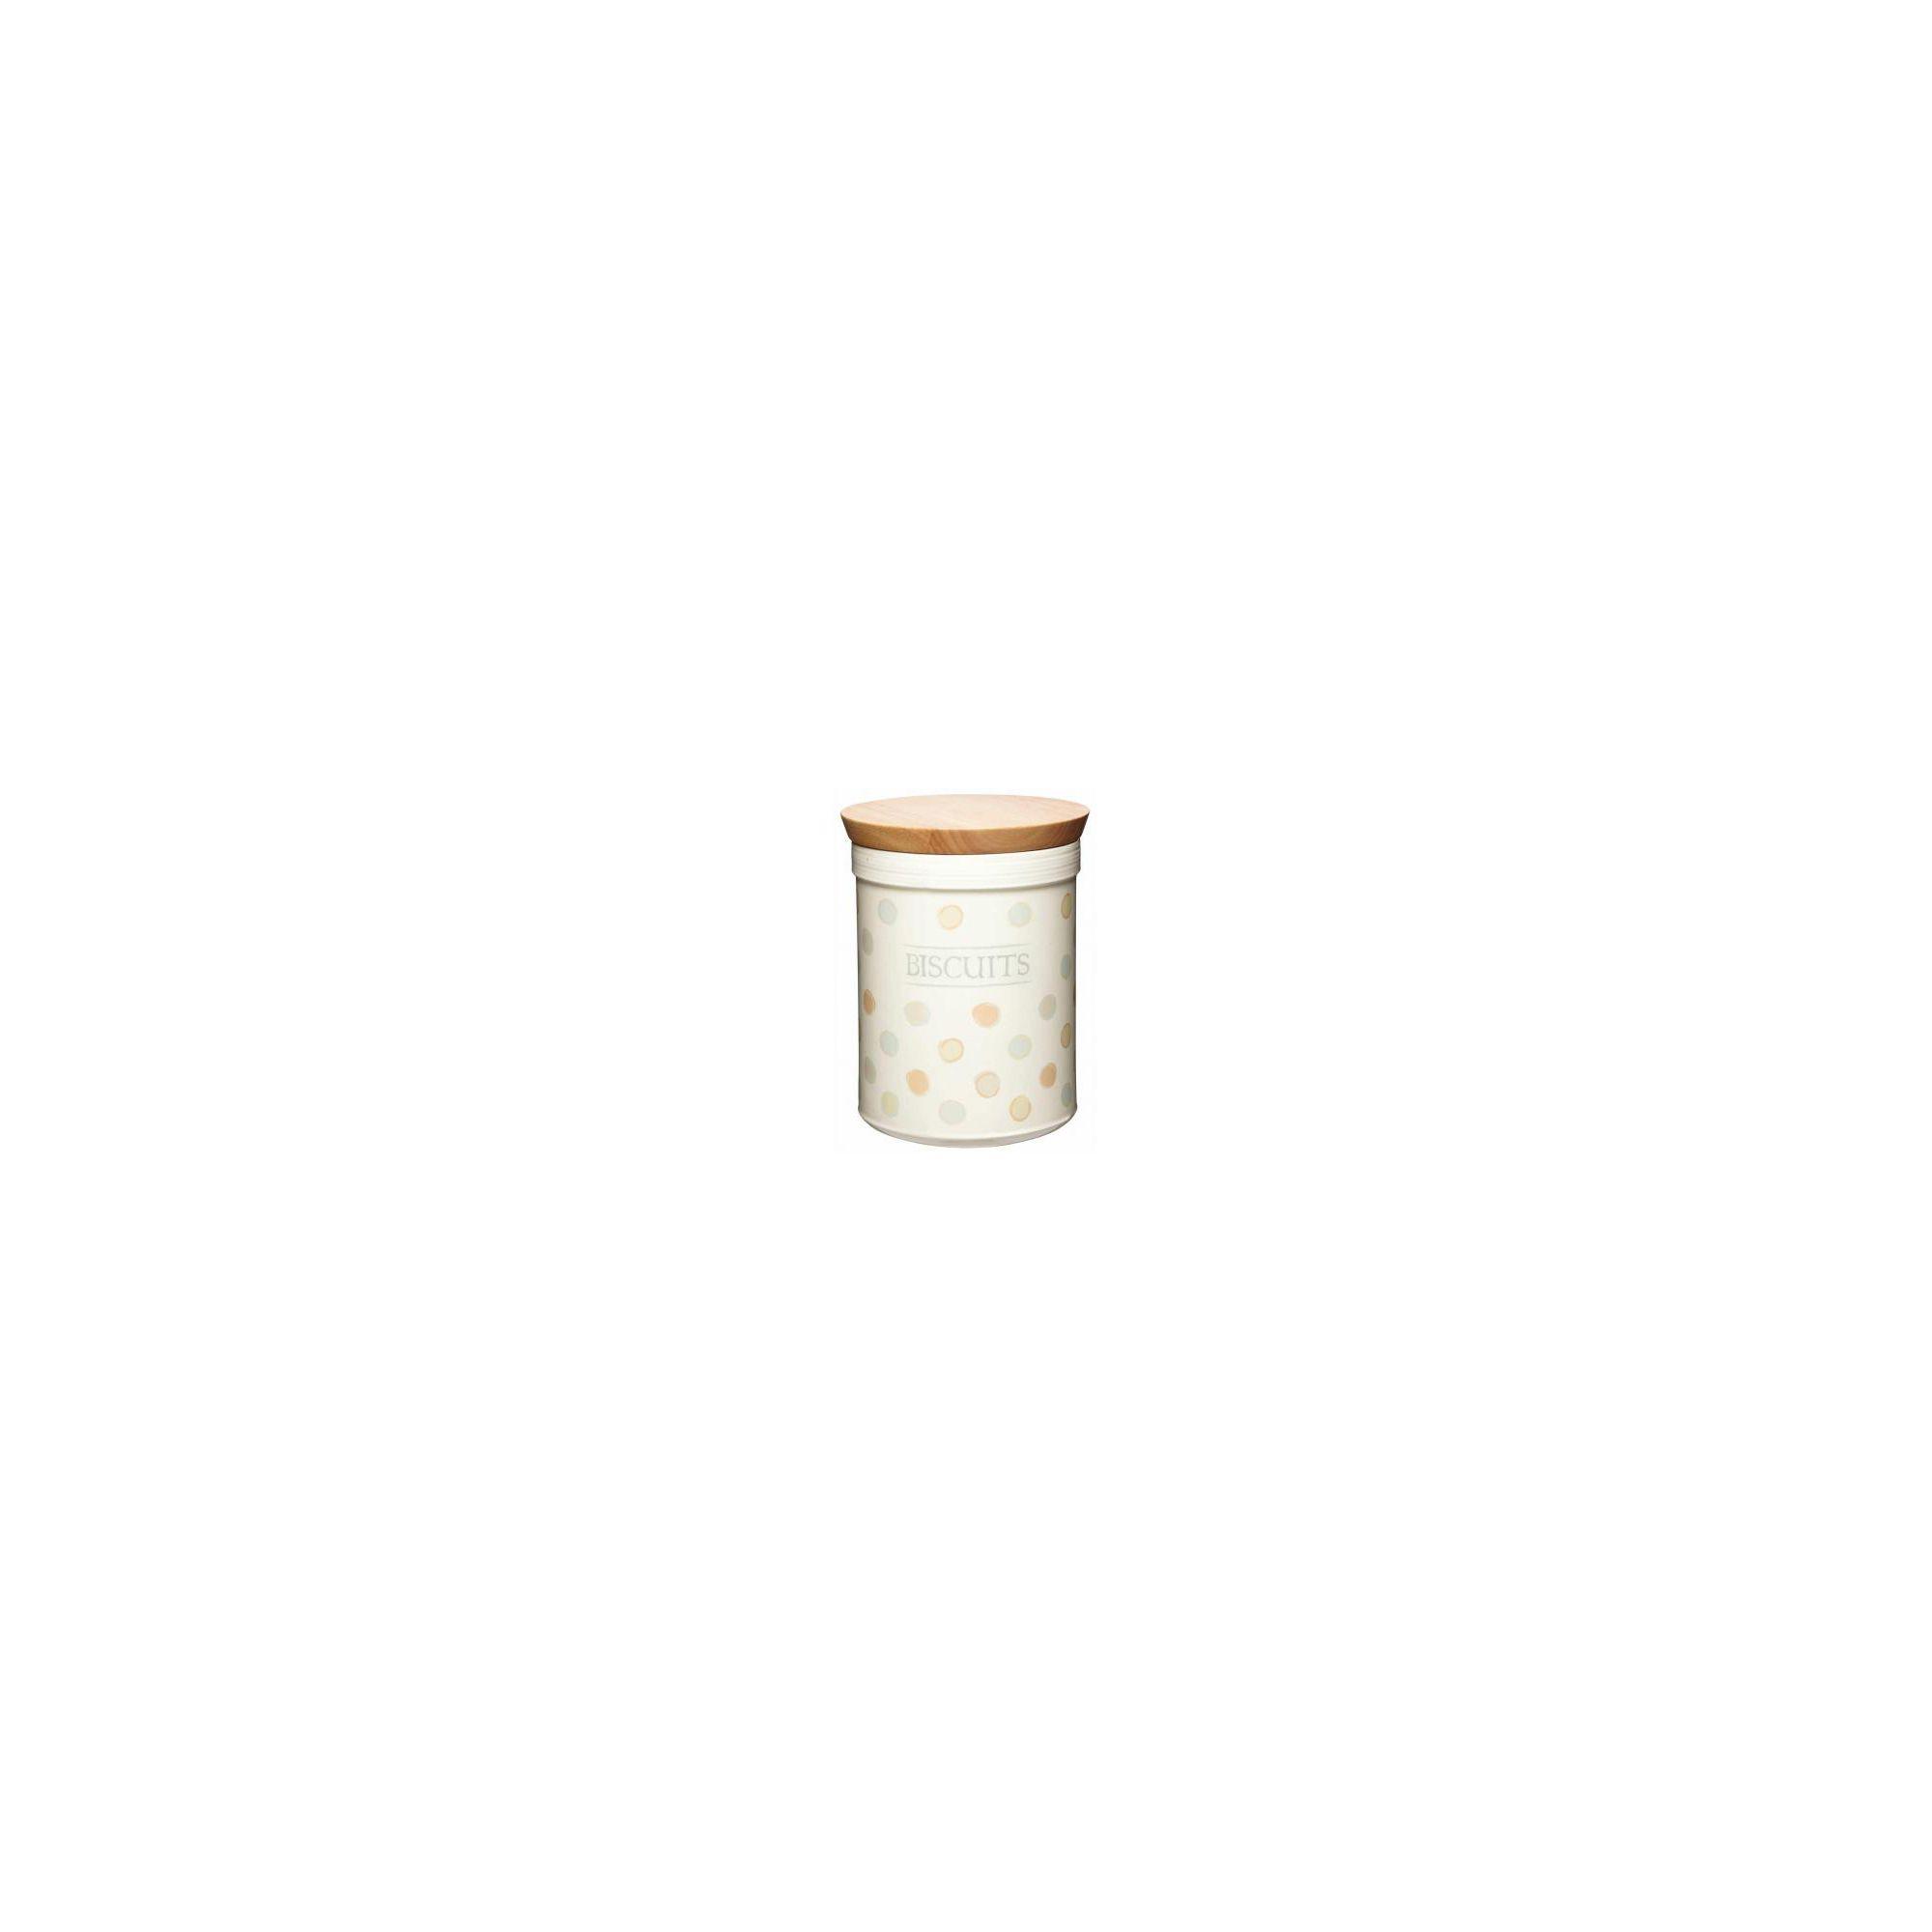 Kitchen Craft Ceramic Biscuit Storage Jar with Airtight Lid